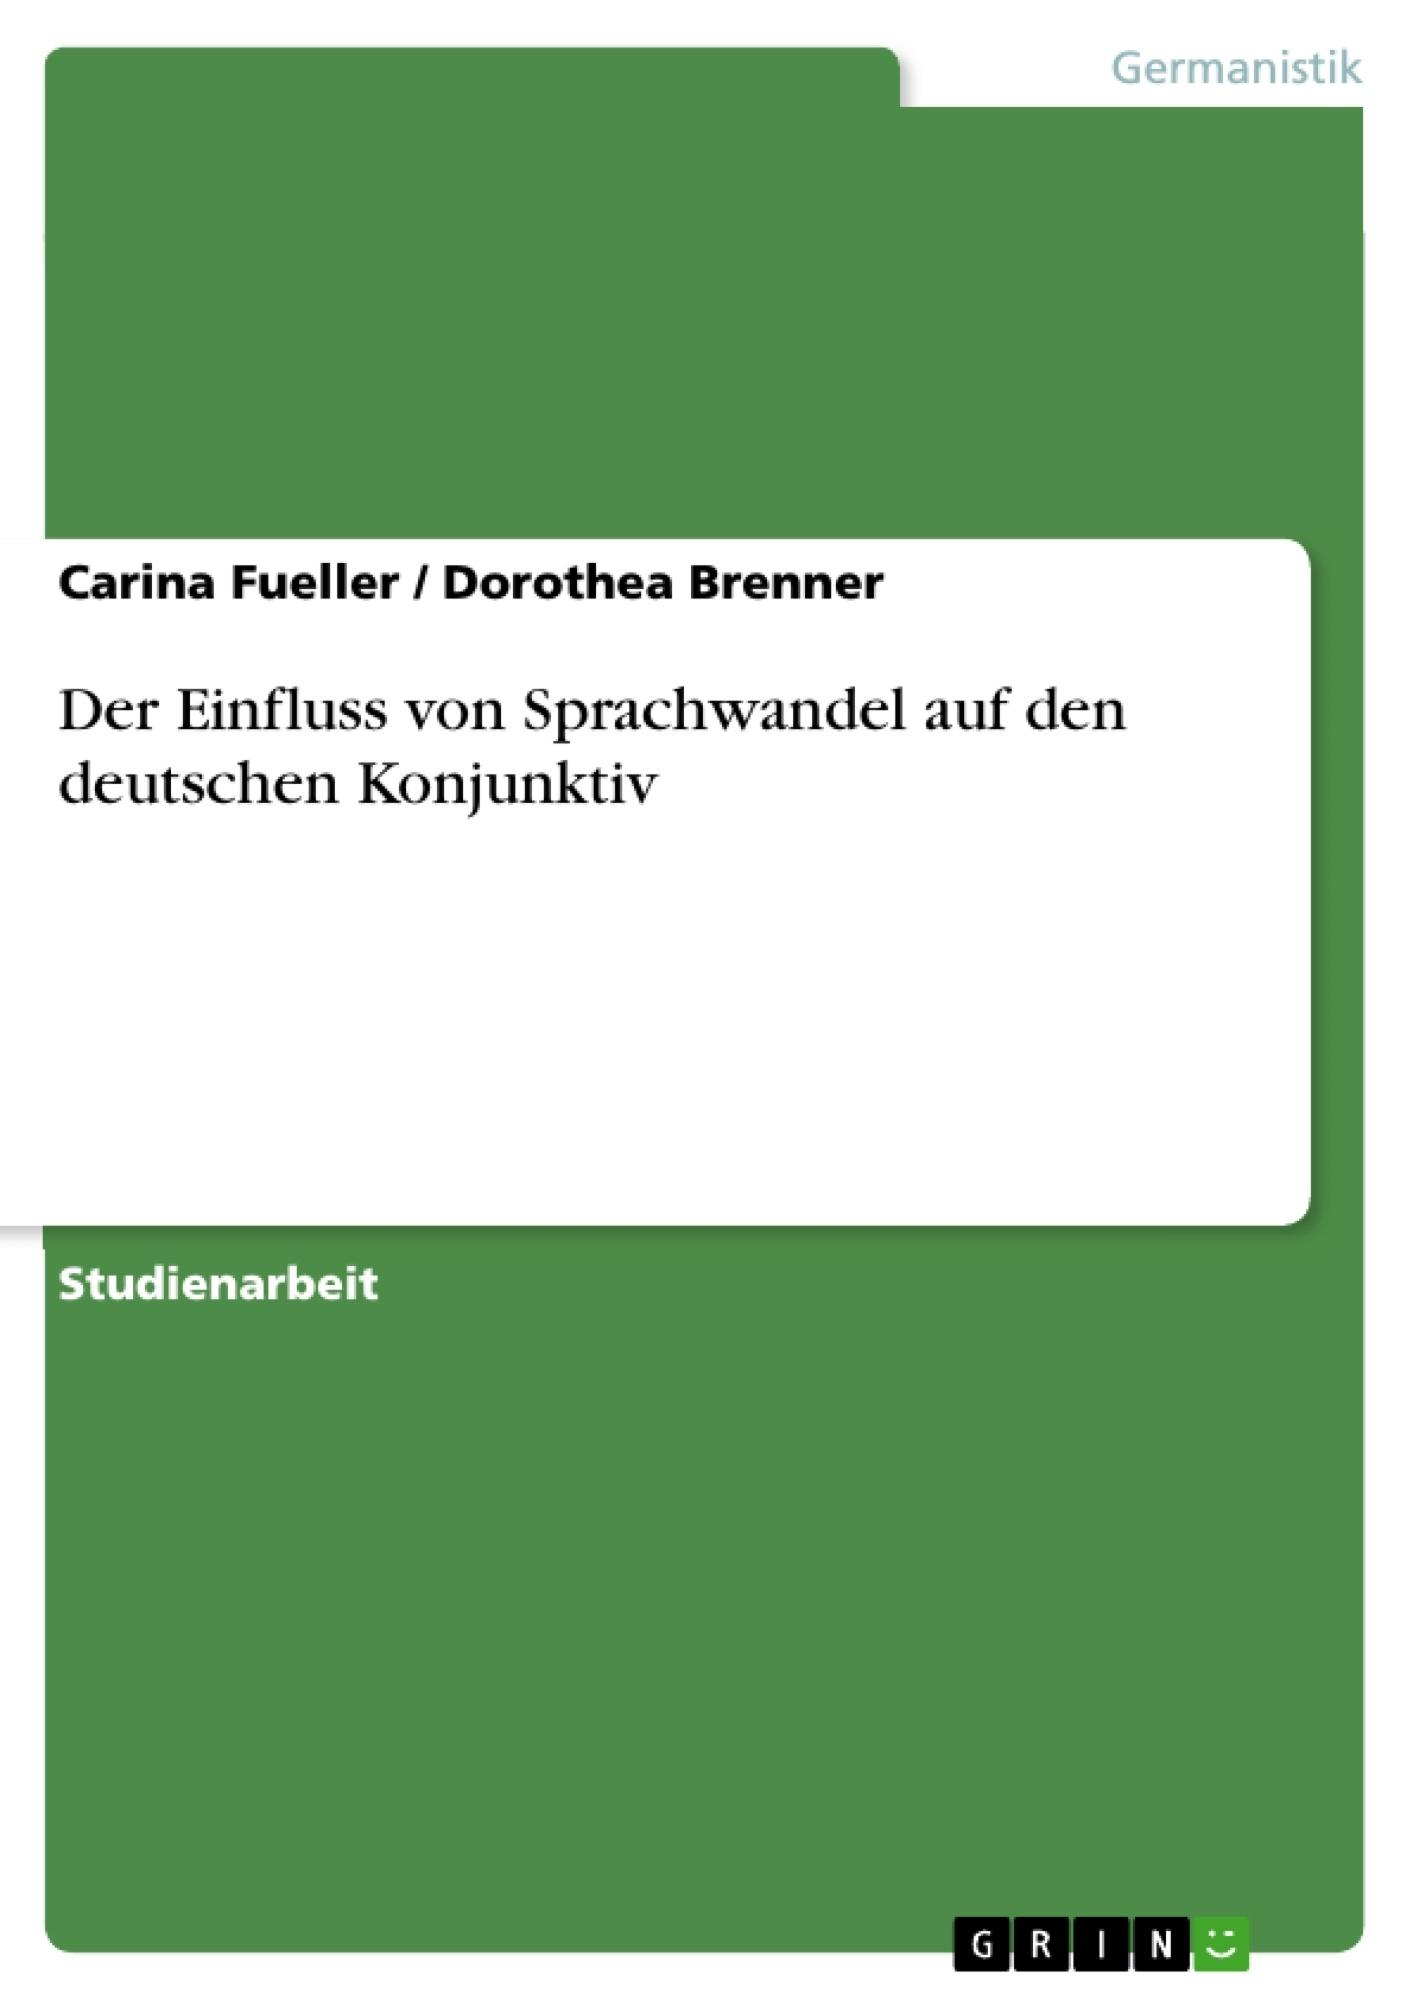 Titel: Der Einfluss von Sprachwandel auf den deutschen Konjunktiv